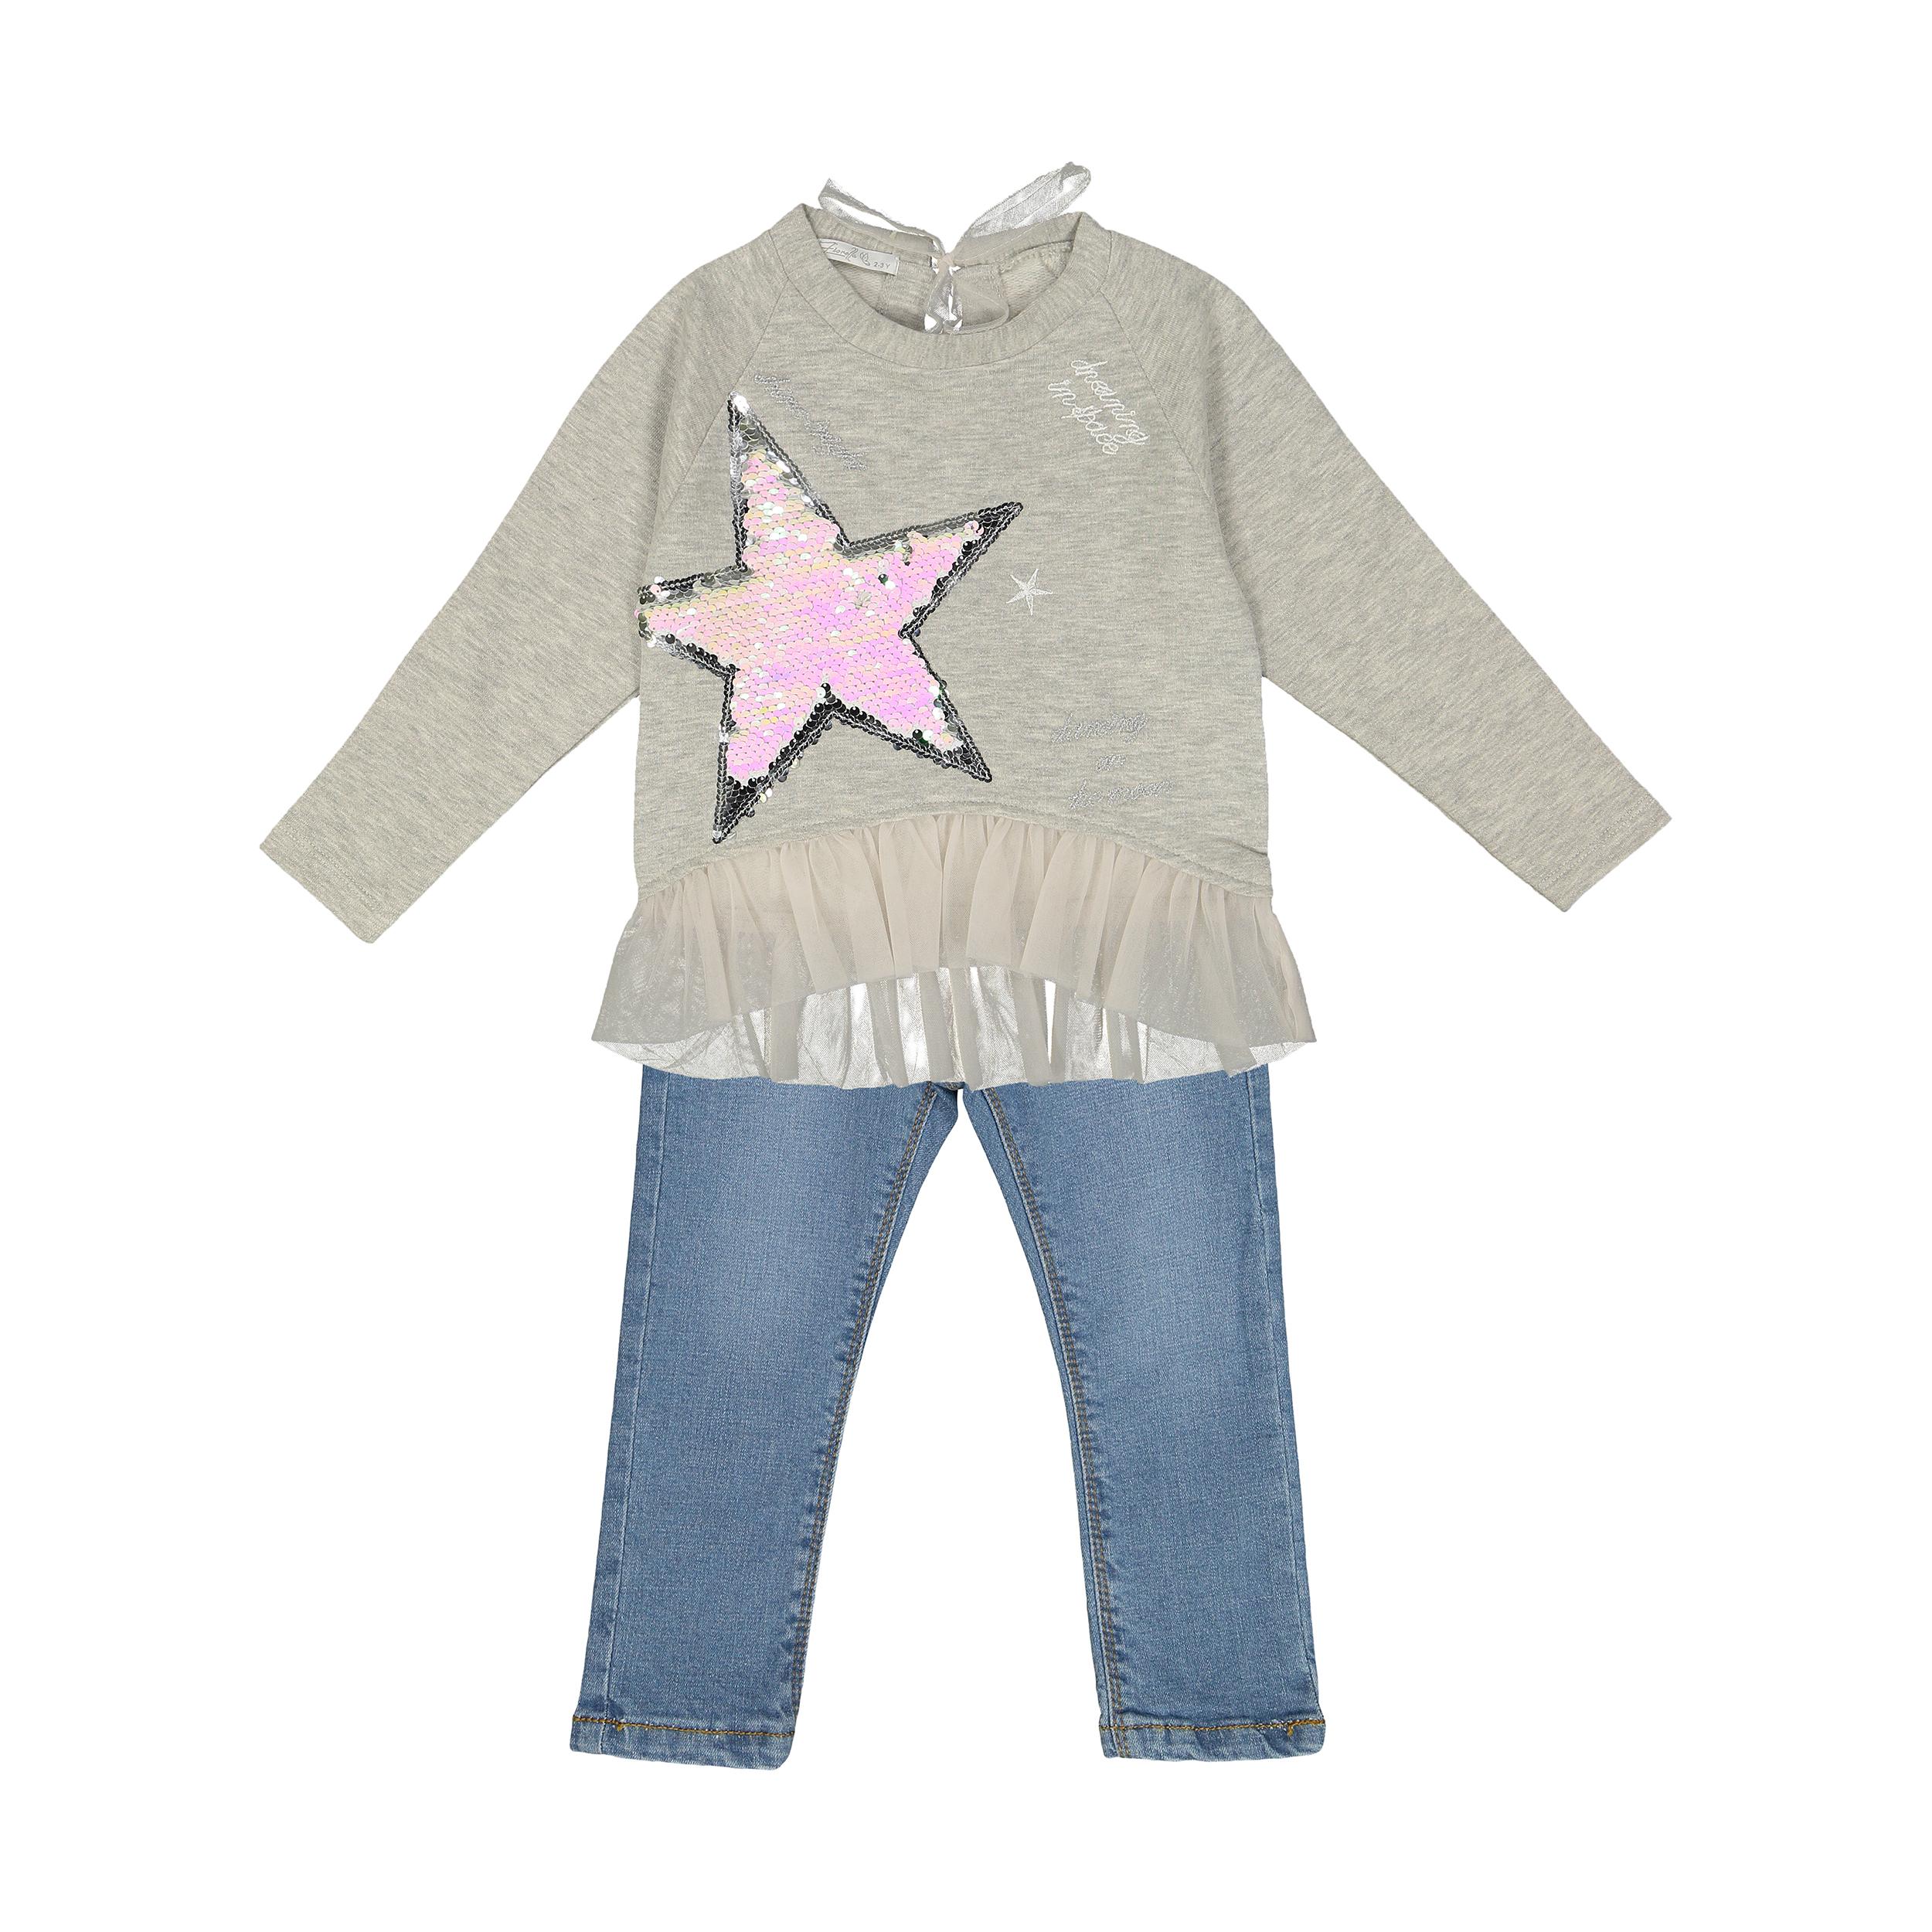 ست بلوز و شلوار دخترانه نوزادی فیورلا مدل 30511